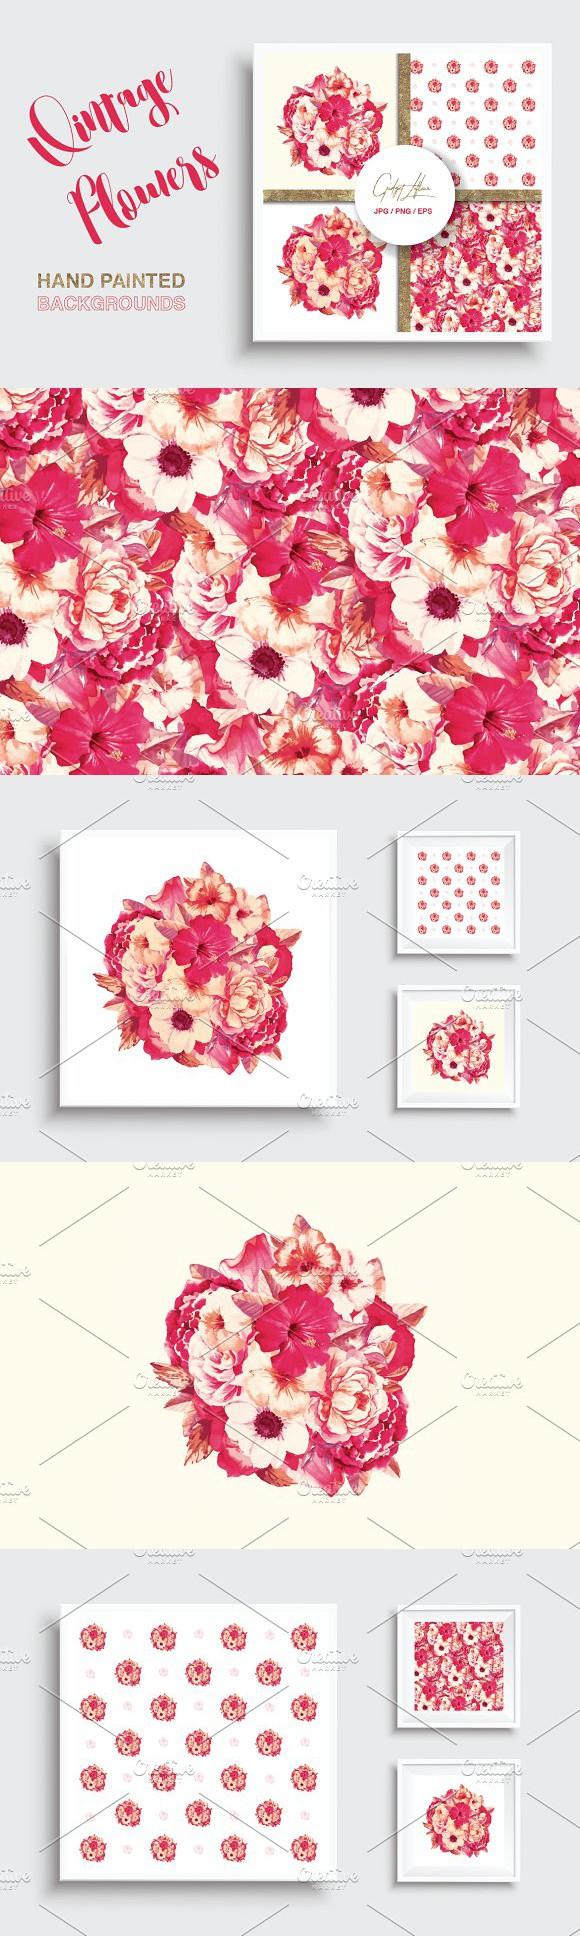 Floral background set illustrations illustrations pinterest